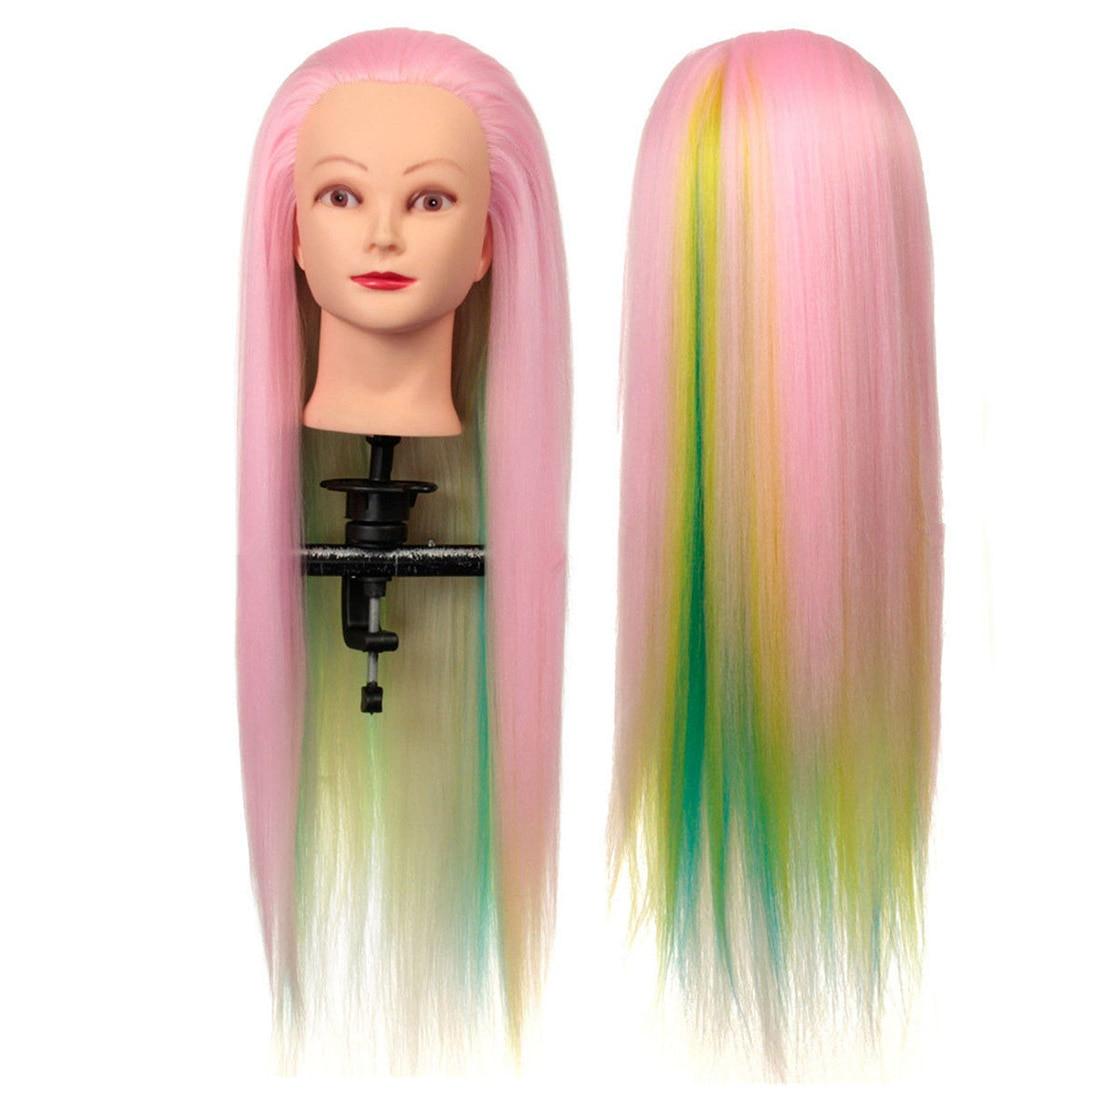 Парикмахерская Длинные Волосы Человека Манекен, кукла Учебные головы-манекены розовый + синий + желтый + зеленый